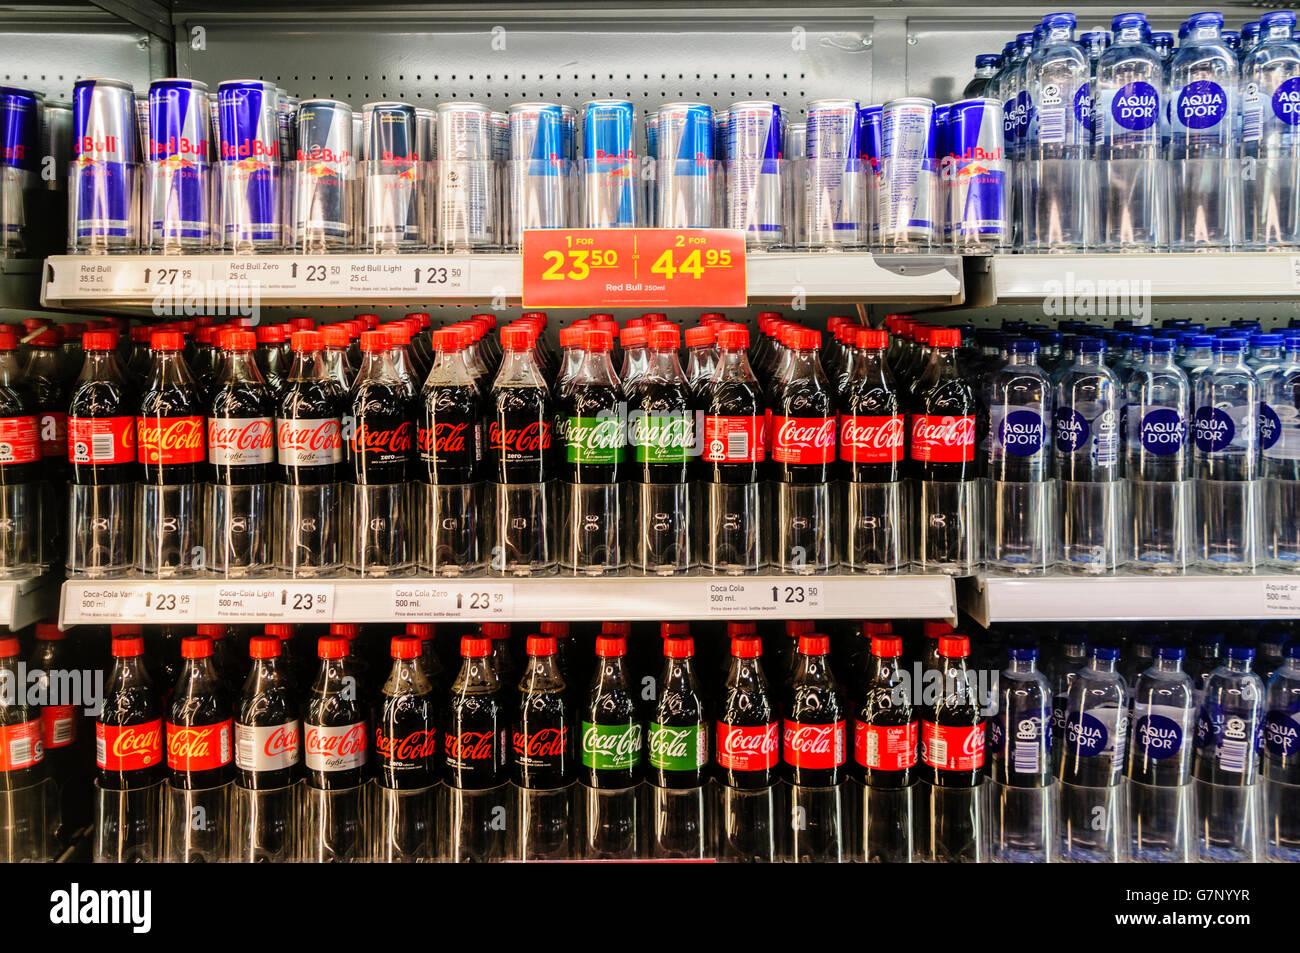 Red Bull Getränke Kühlschrank : Coca cola gewöhnliche ernährung licht lite und leben mit red bull